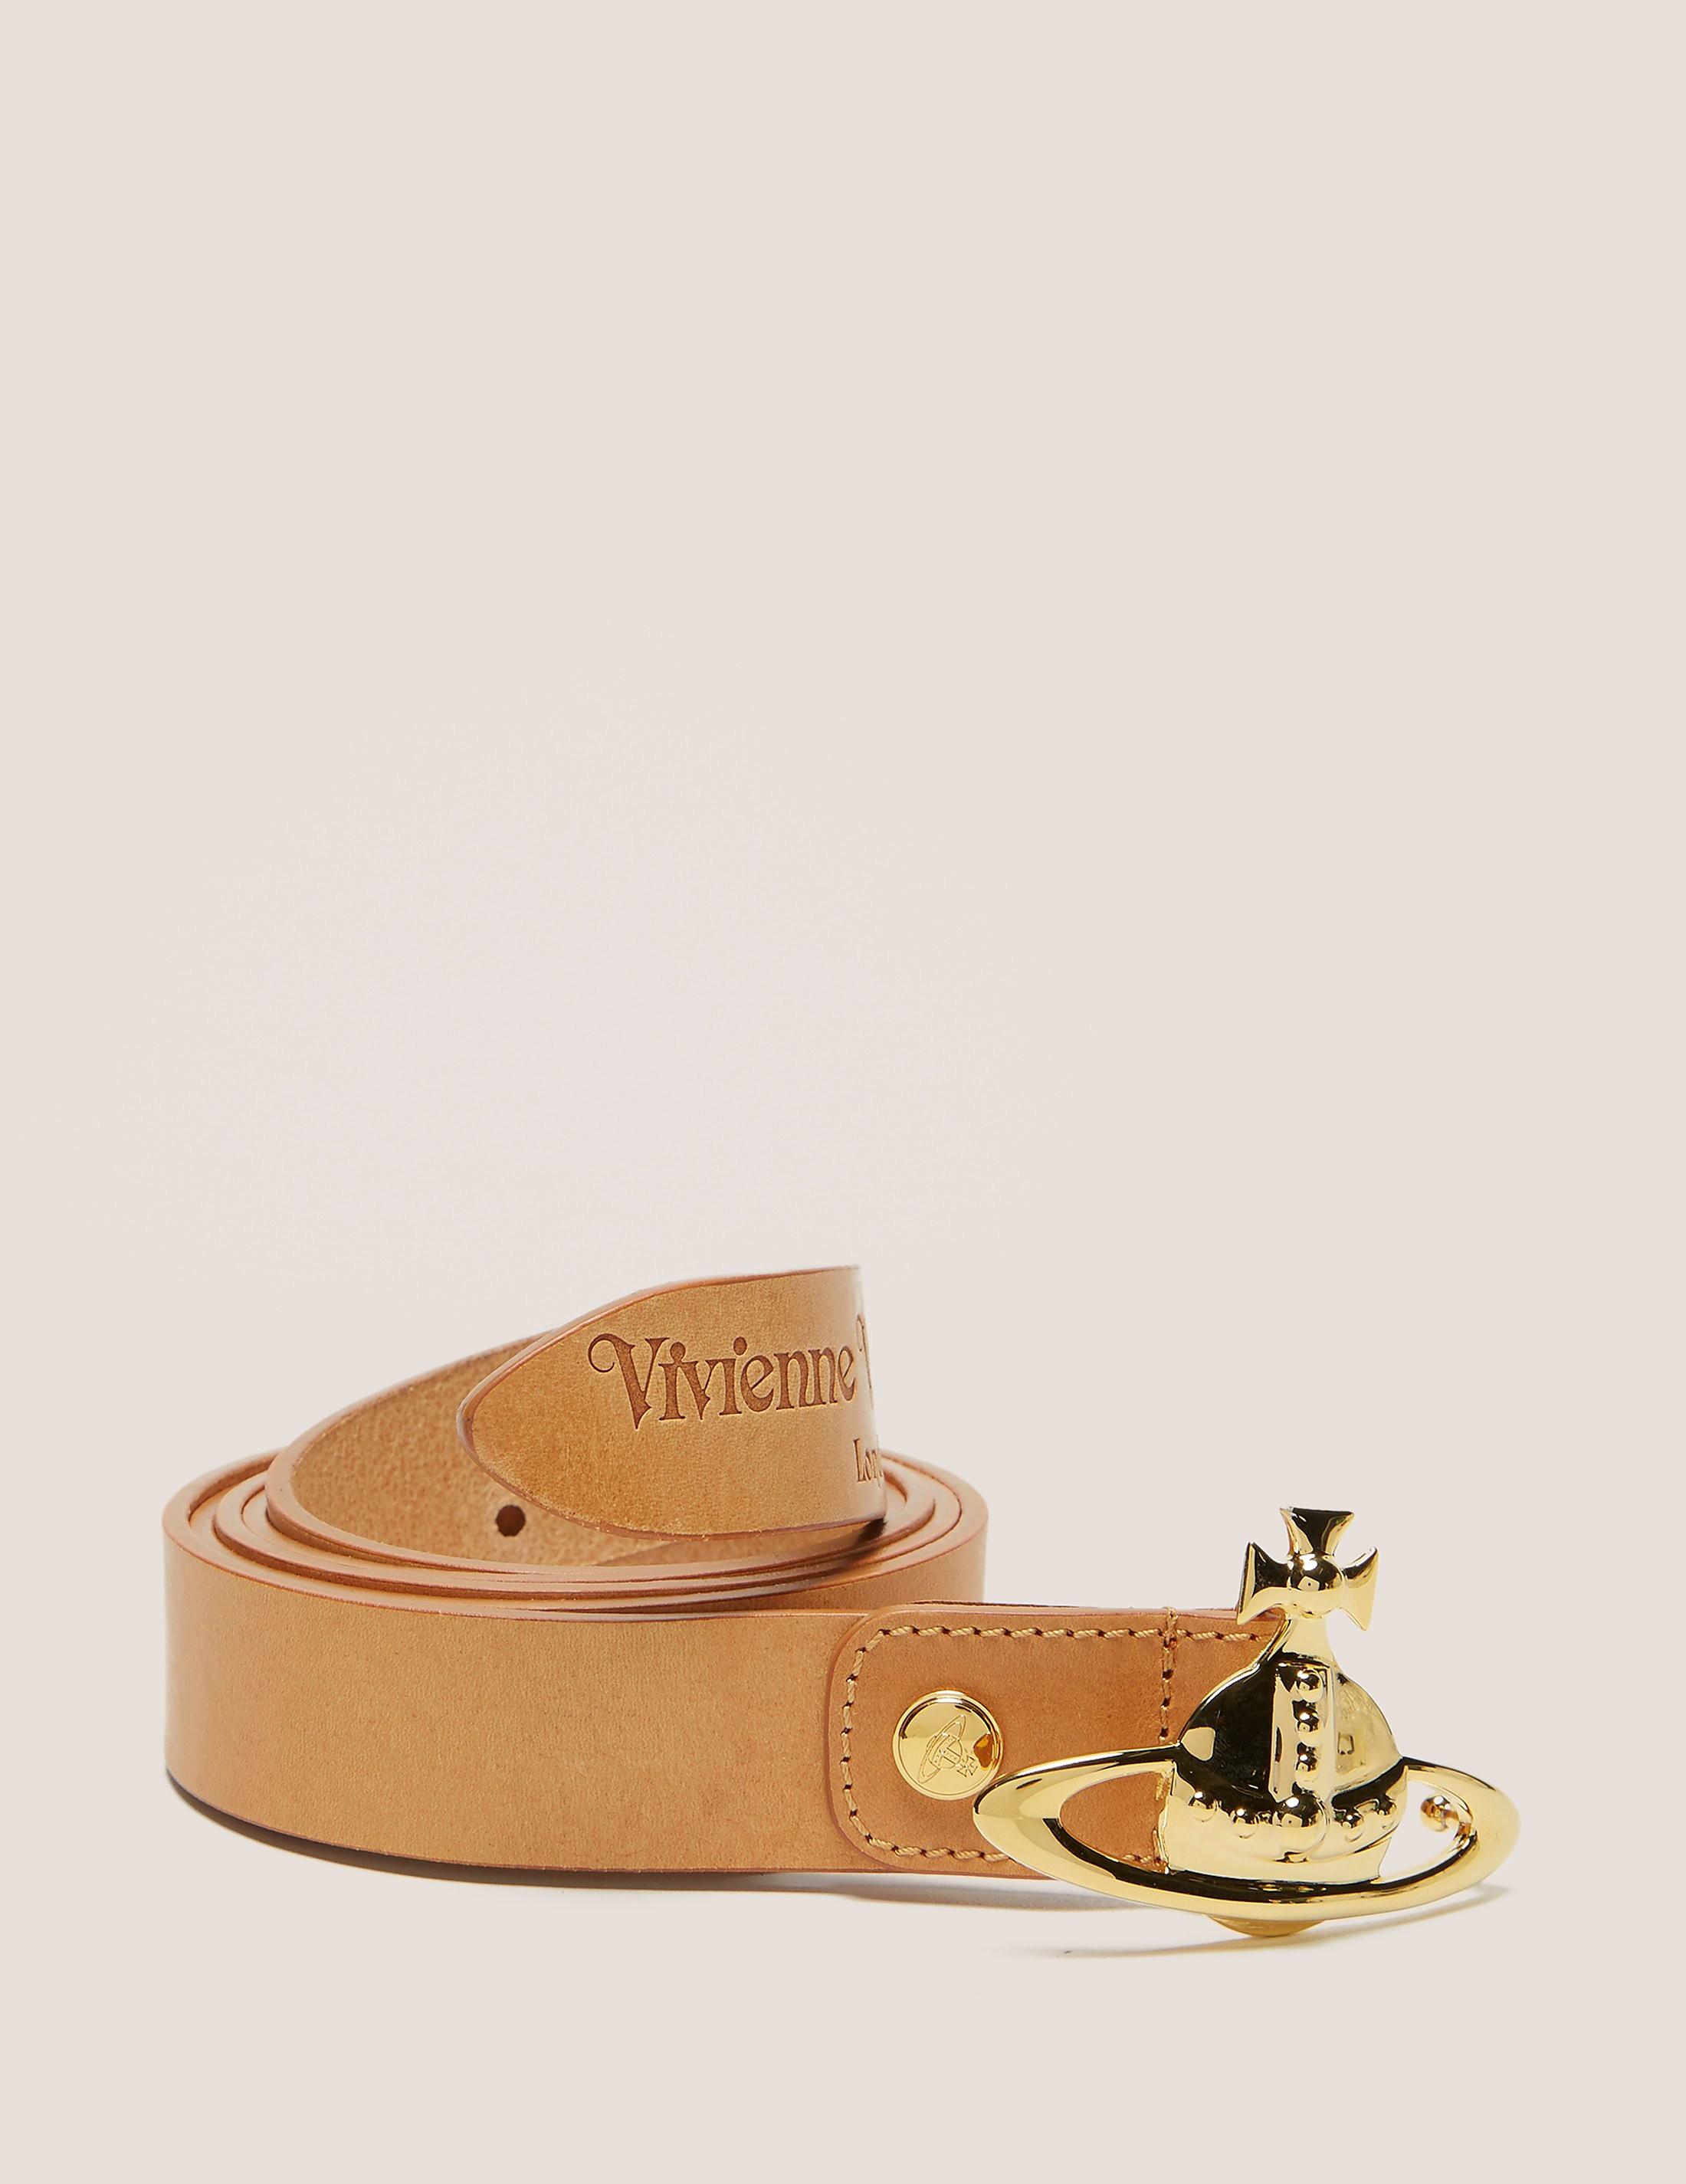 Vivienne Westwood Orb Vaschetta Belt